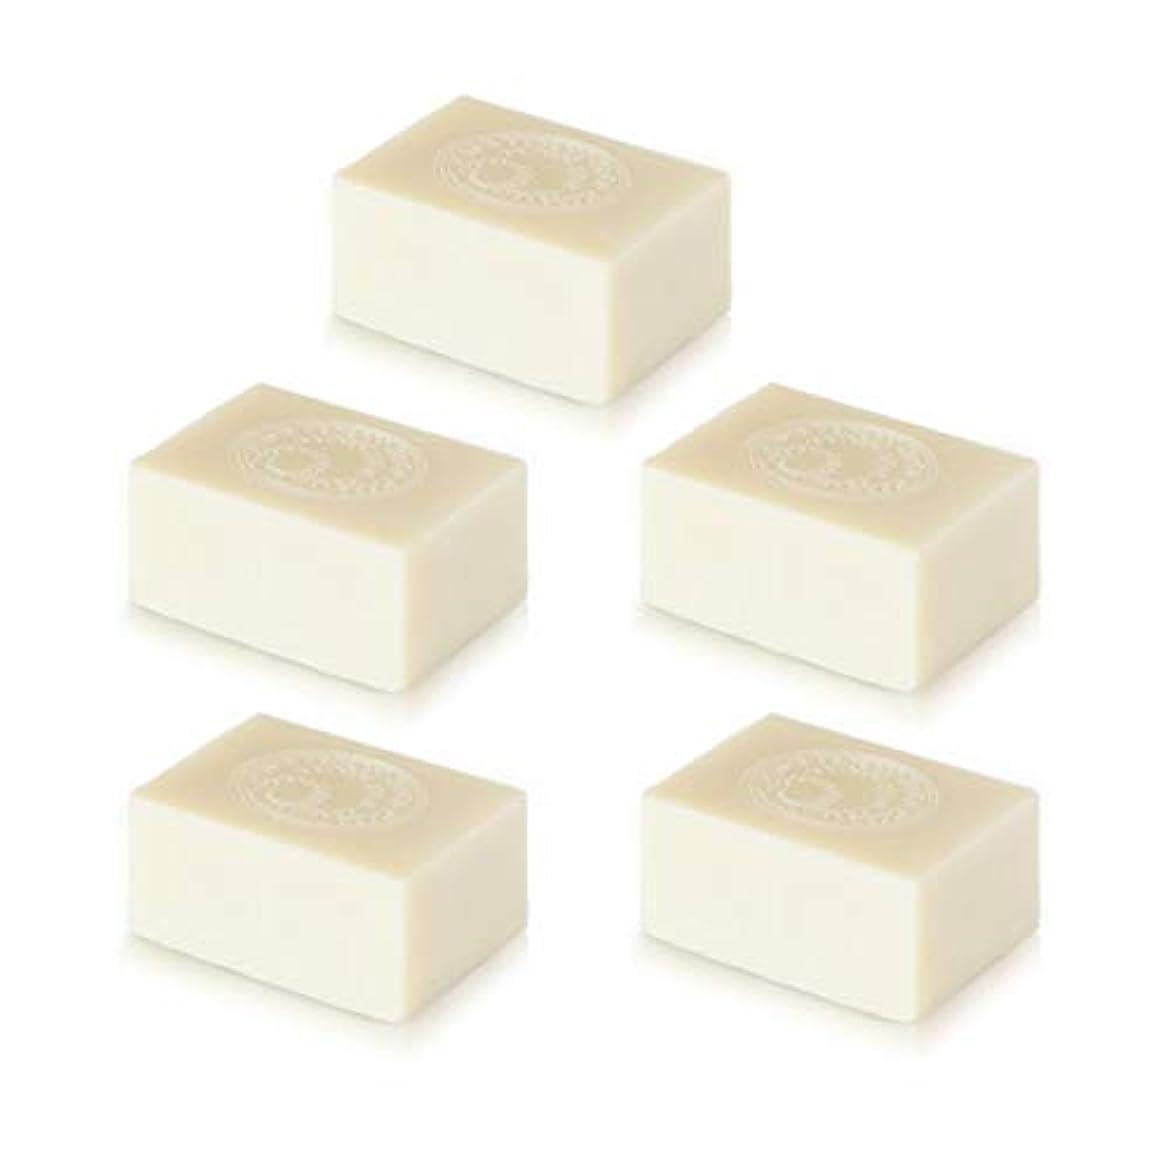 コンチネンタル不器用廃棄するナイアード アルガン石鹸5個セット( 145g ×5個)無添加アルガン石鹸